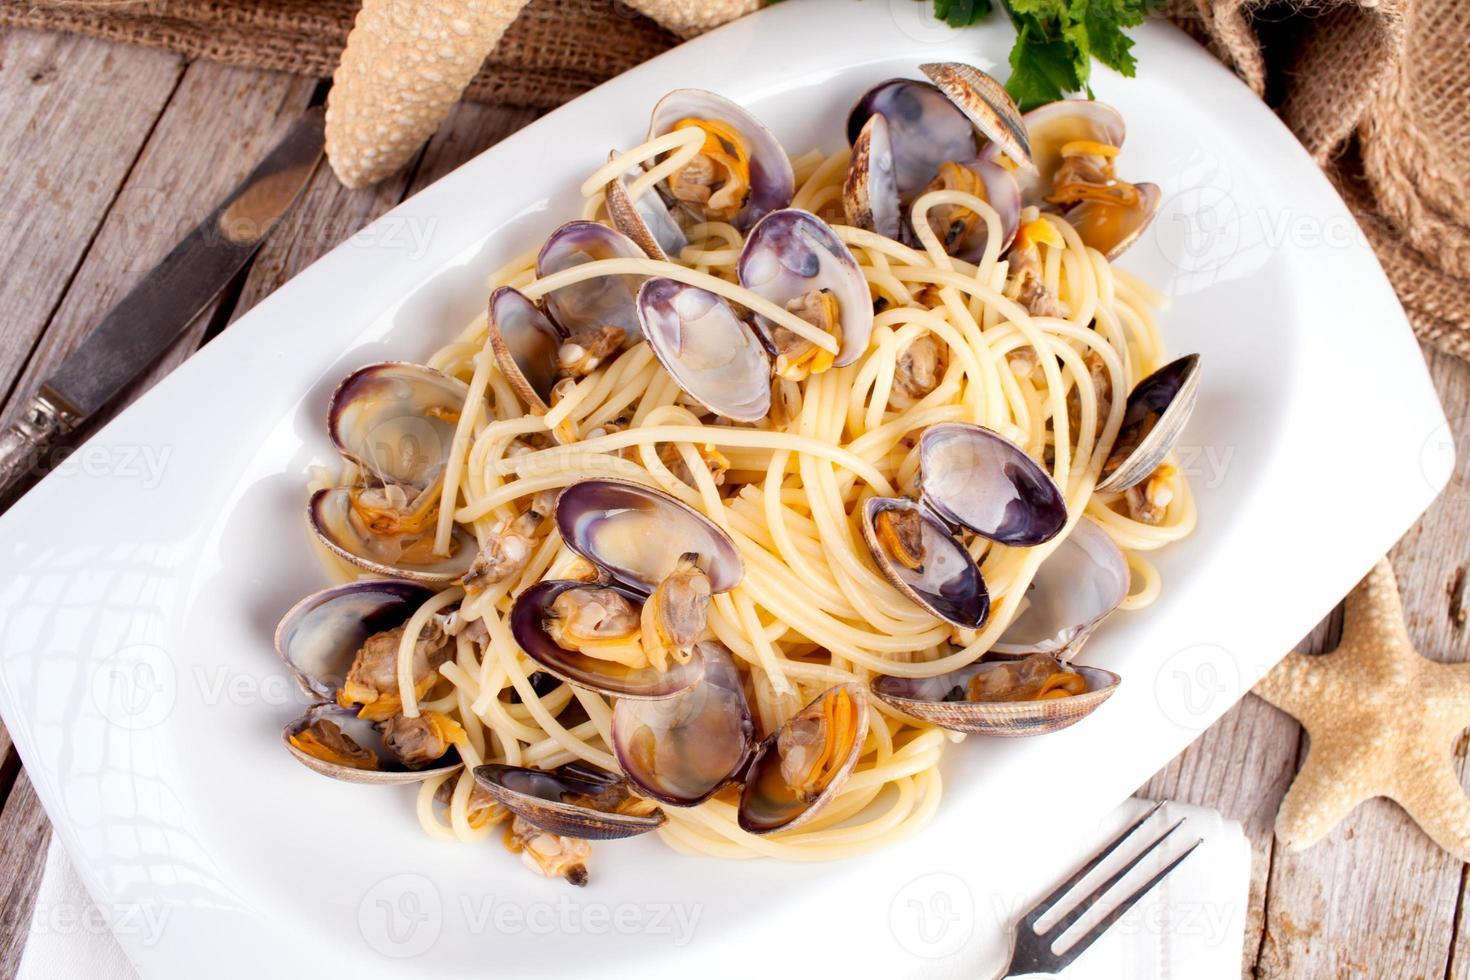 receita de espaguete com amêijoas foto